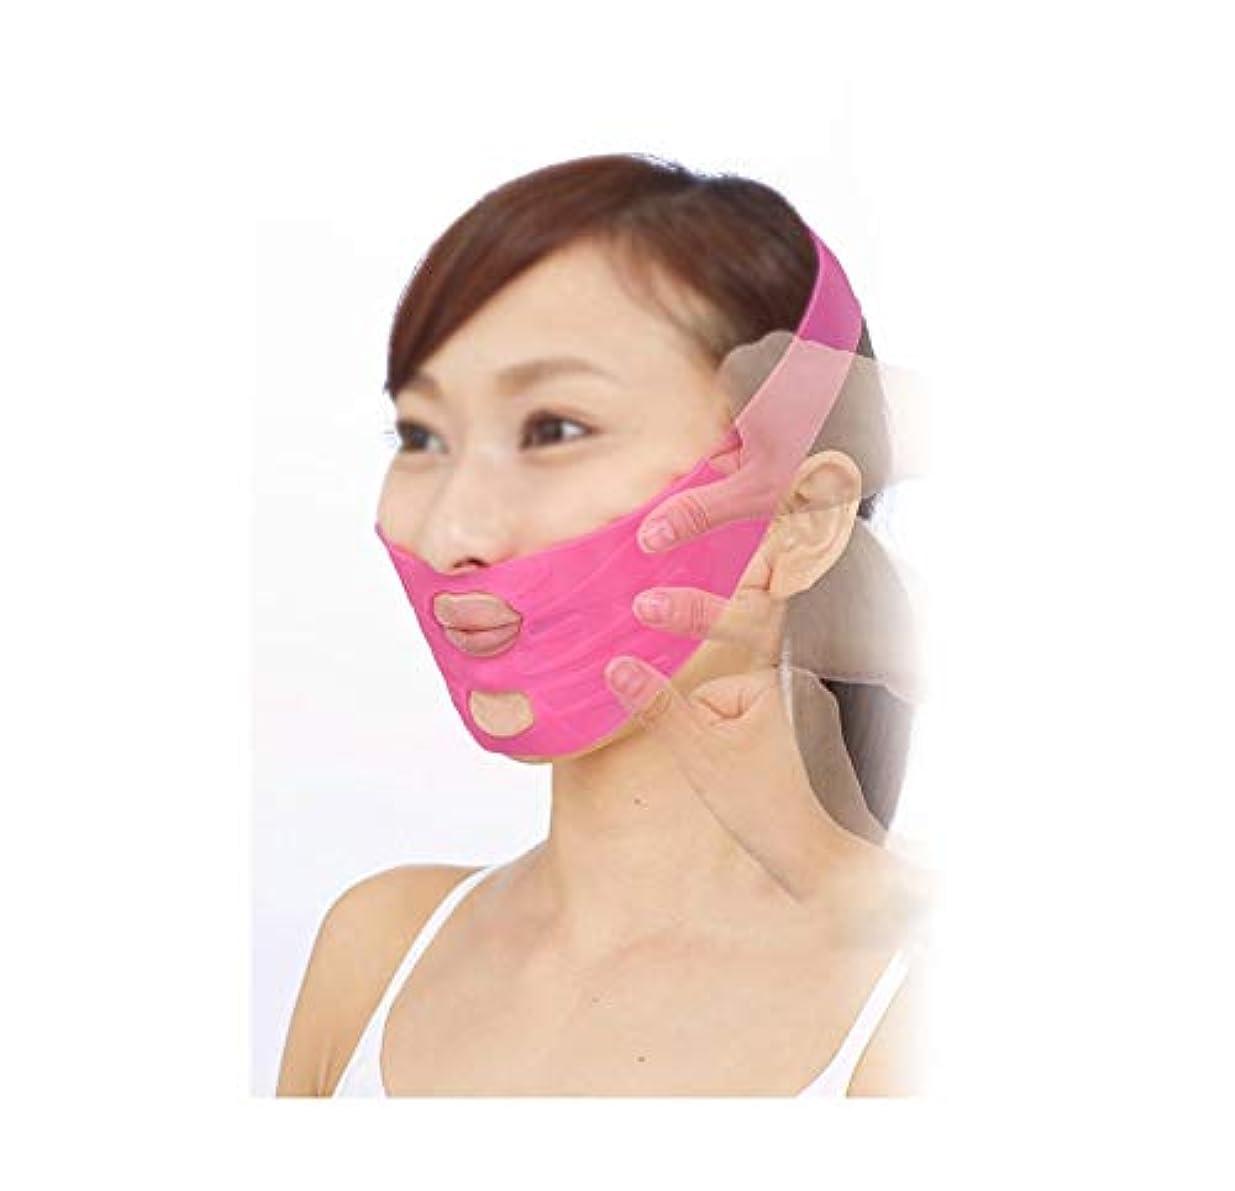 怒る反逆平衡フェイシャルマスク、フェイスリフティングアーティファクトフェイスマスク垂れ下がり面付きVフェイス包帯通気性スリーピングフェイスダブルチンチンセット睡眠弾性スリミングベルト